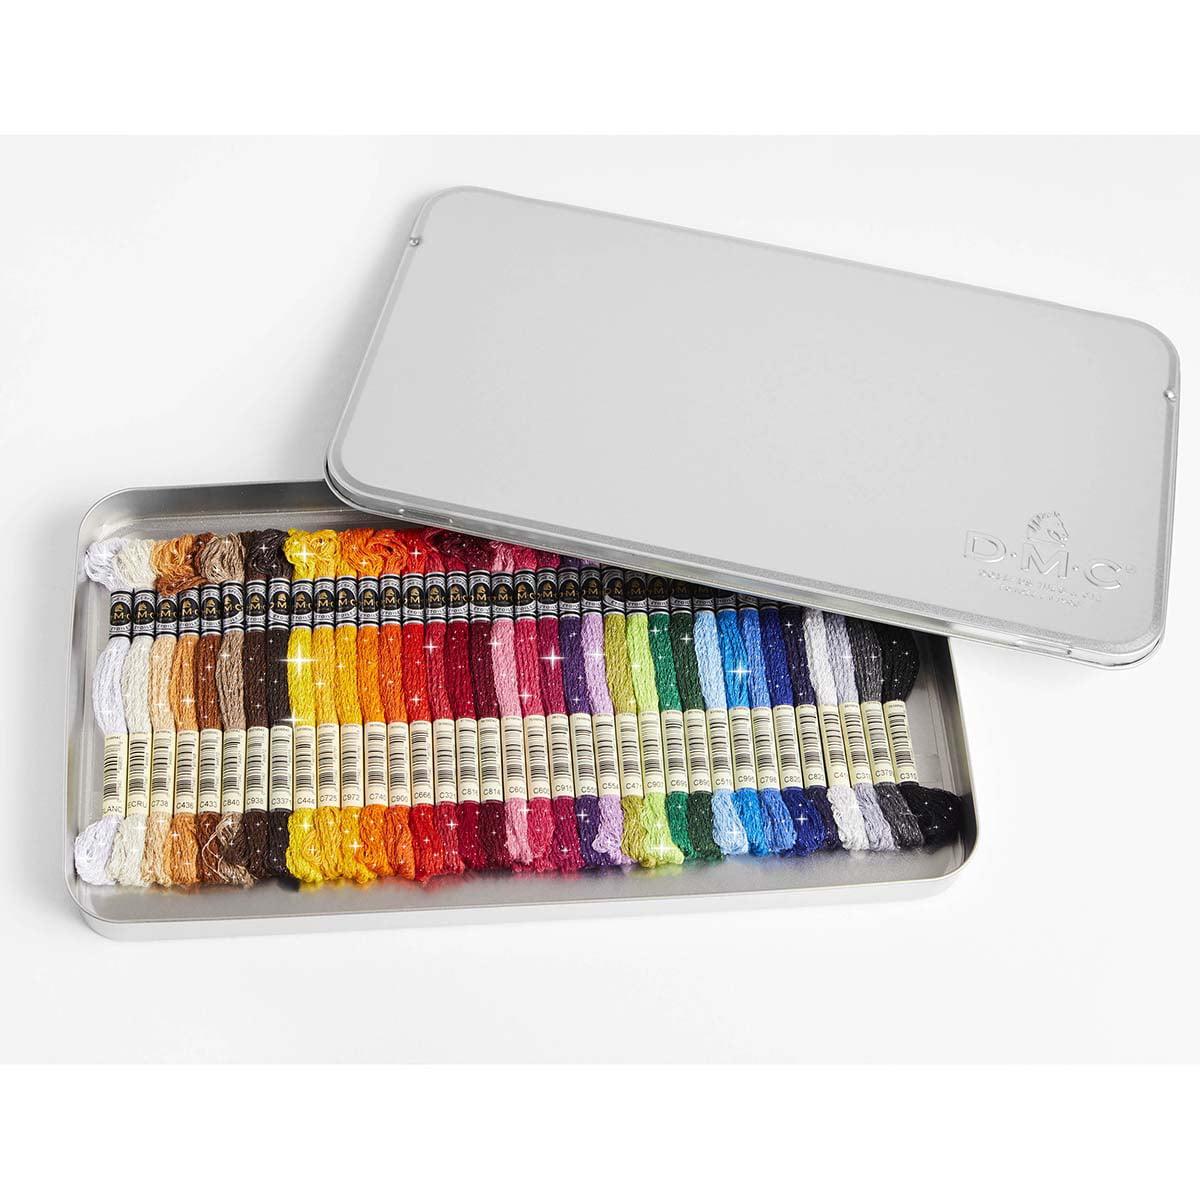 DMC® Etoile 35 Collector's Tin Floss